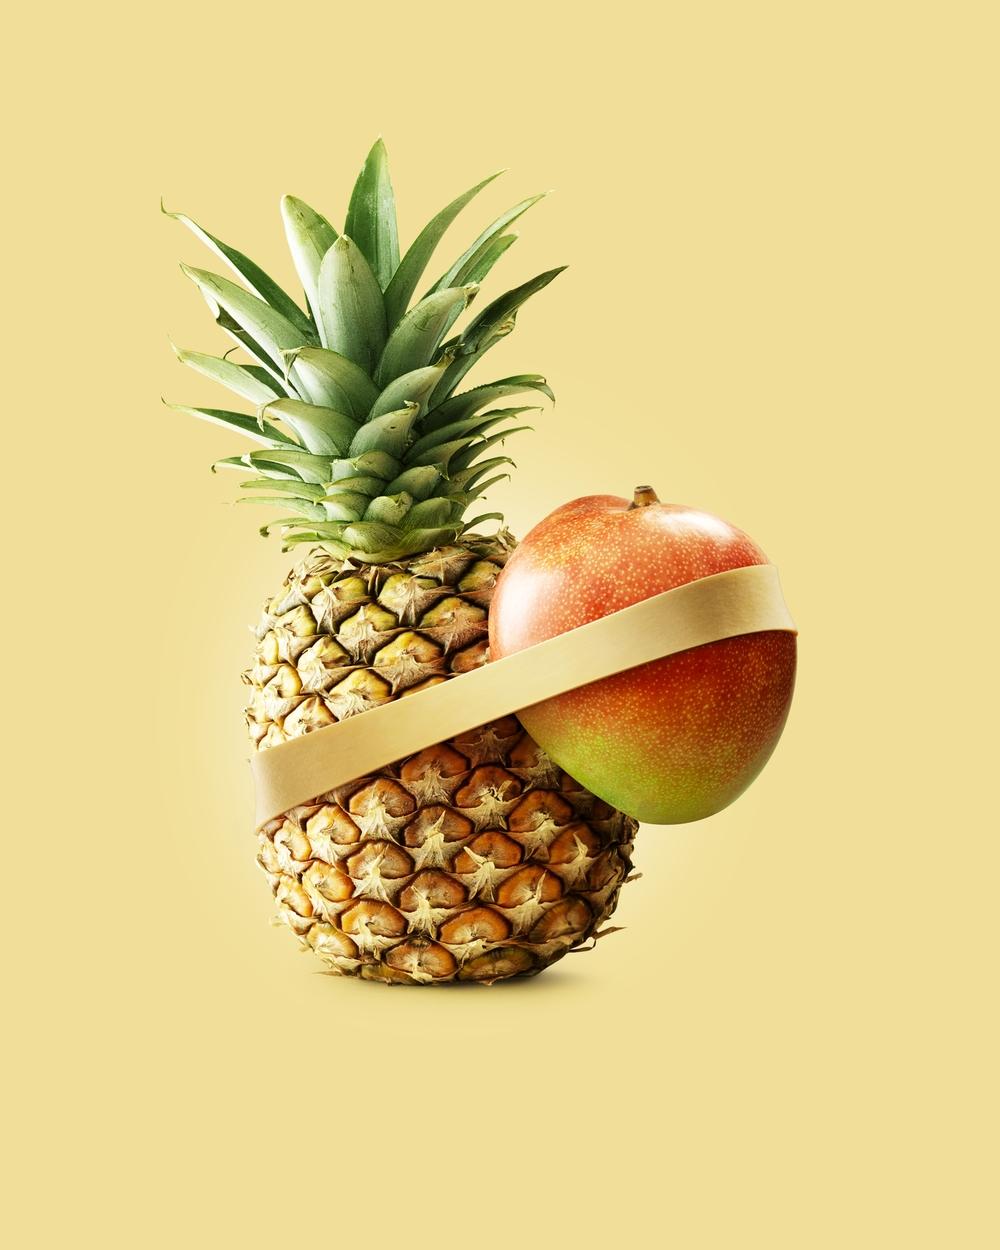 Yespers-Mango-Ananas.jpg